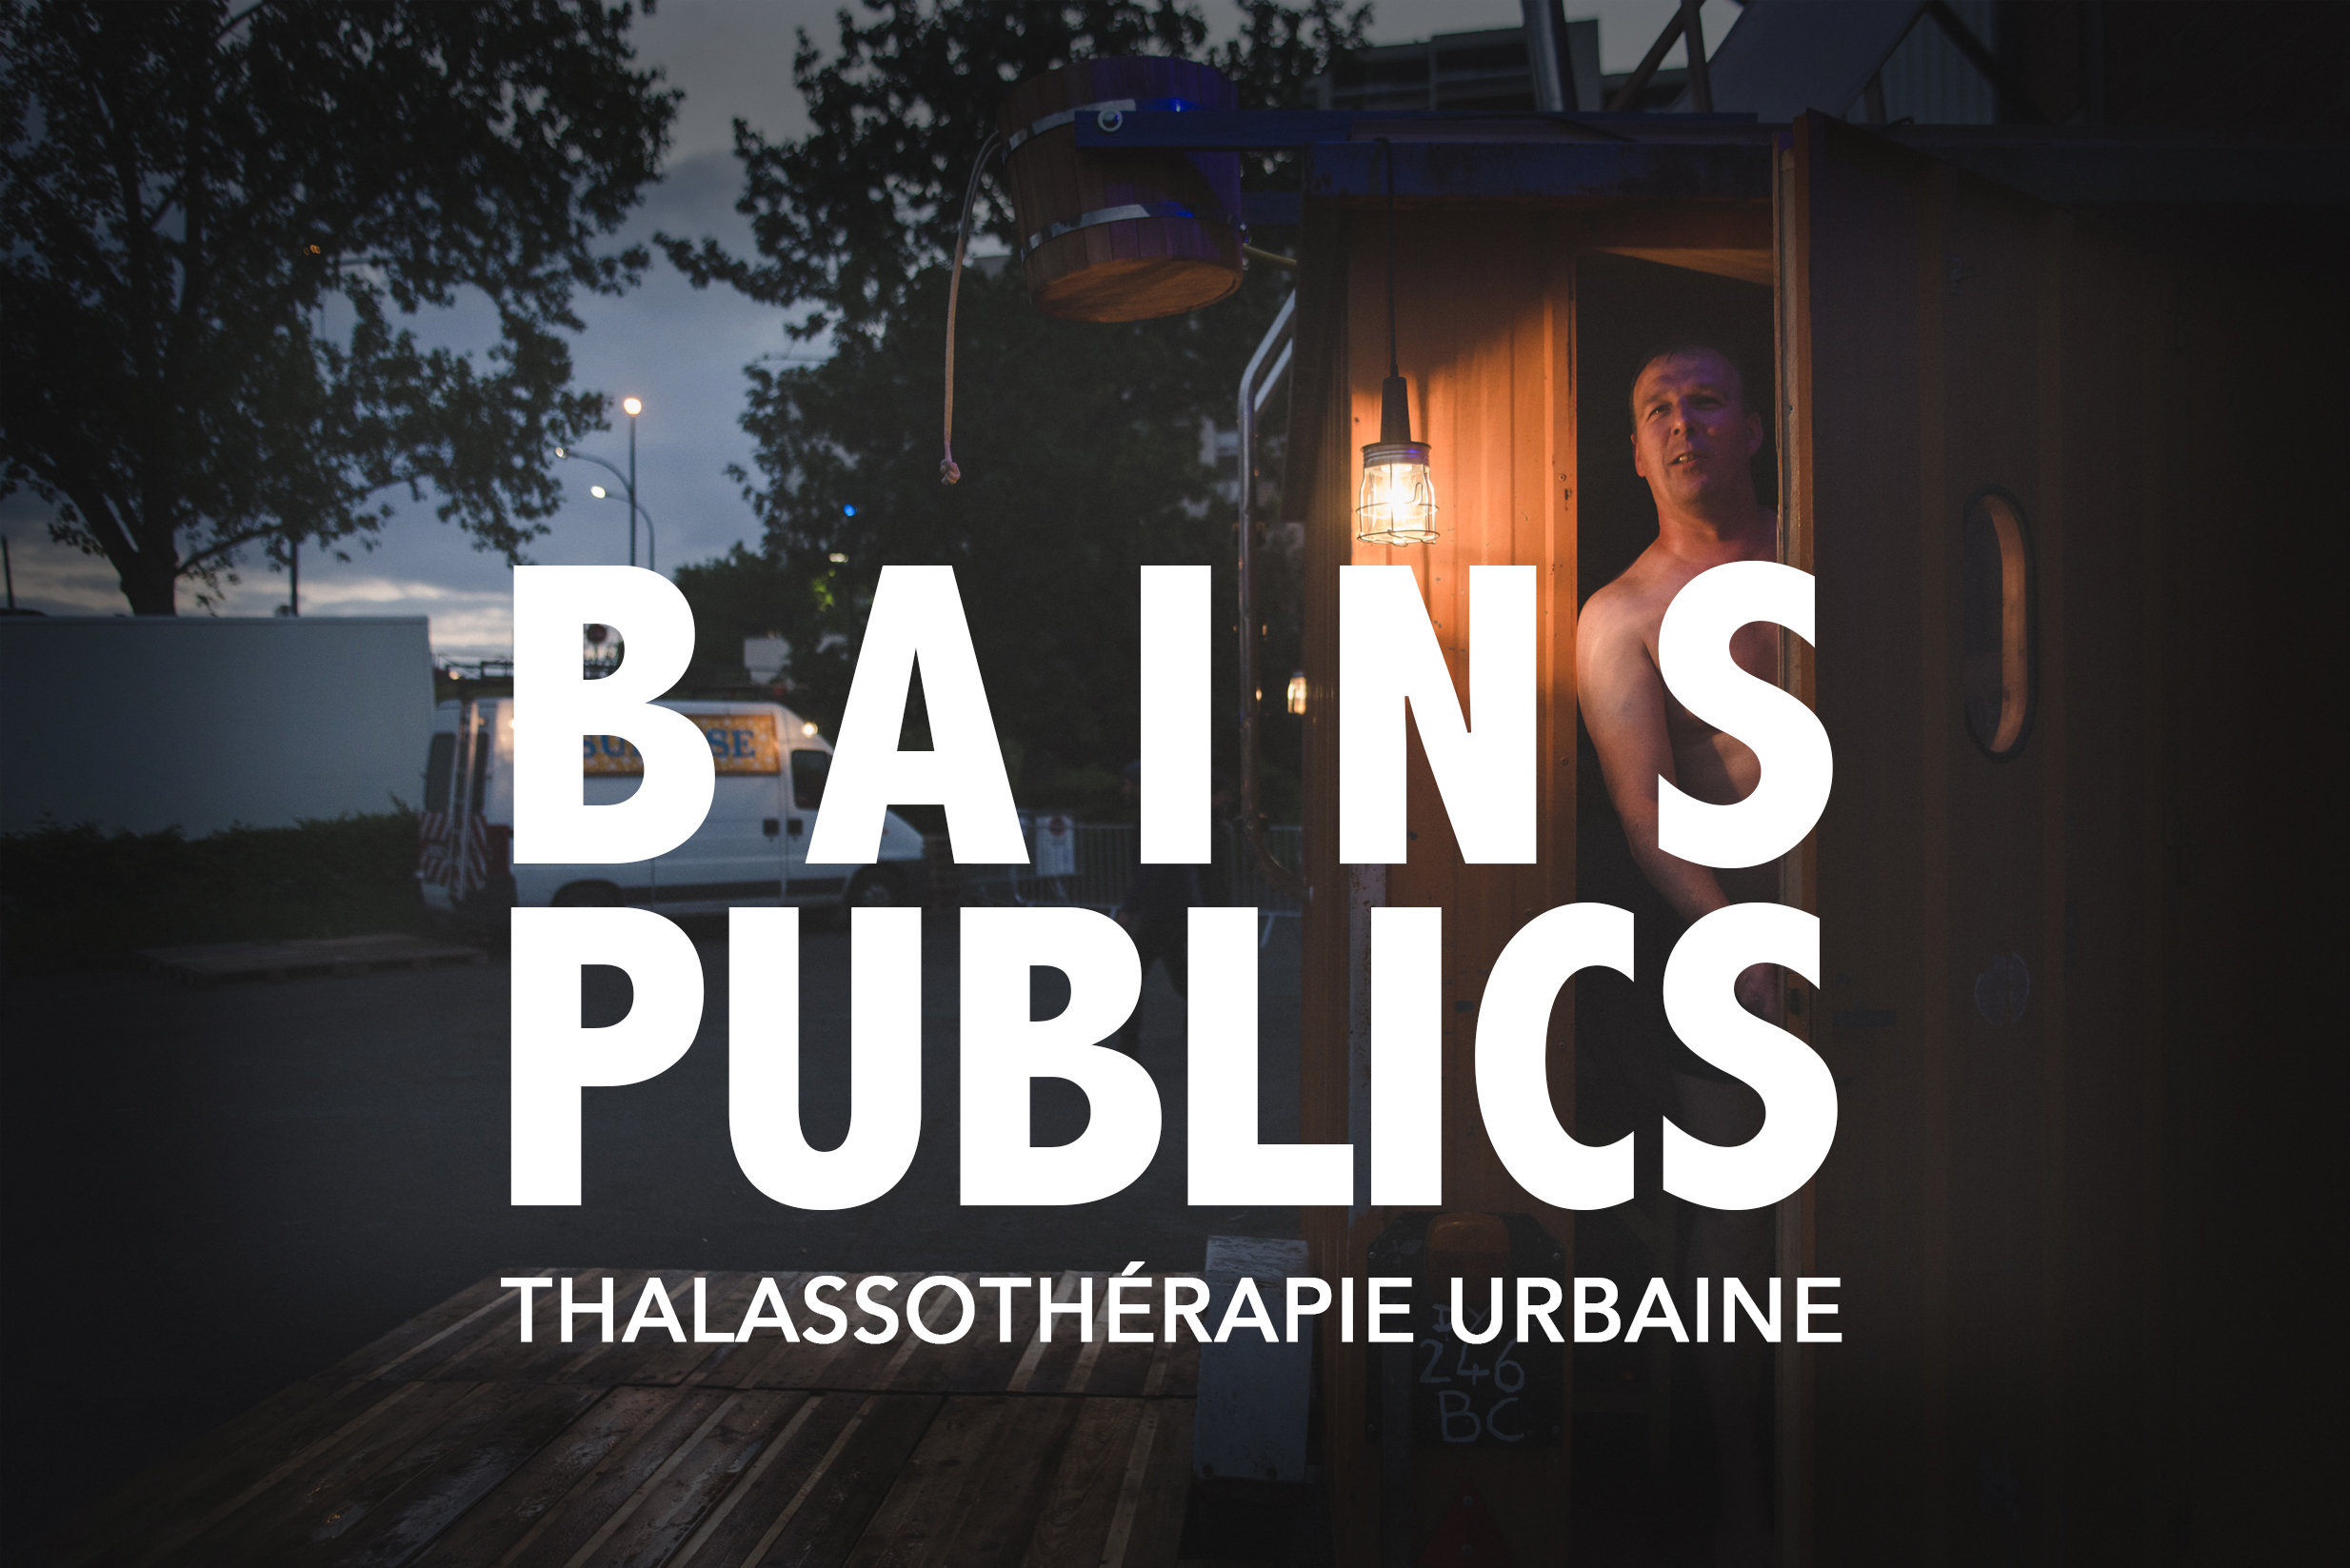 bains-publics